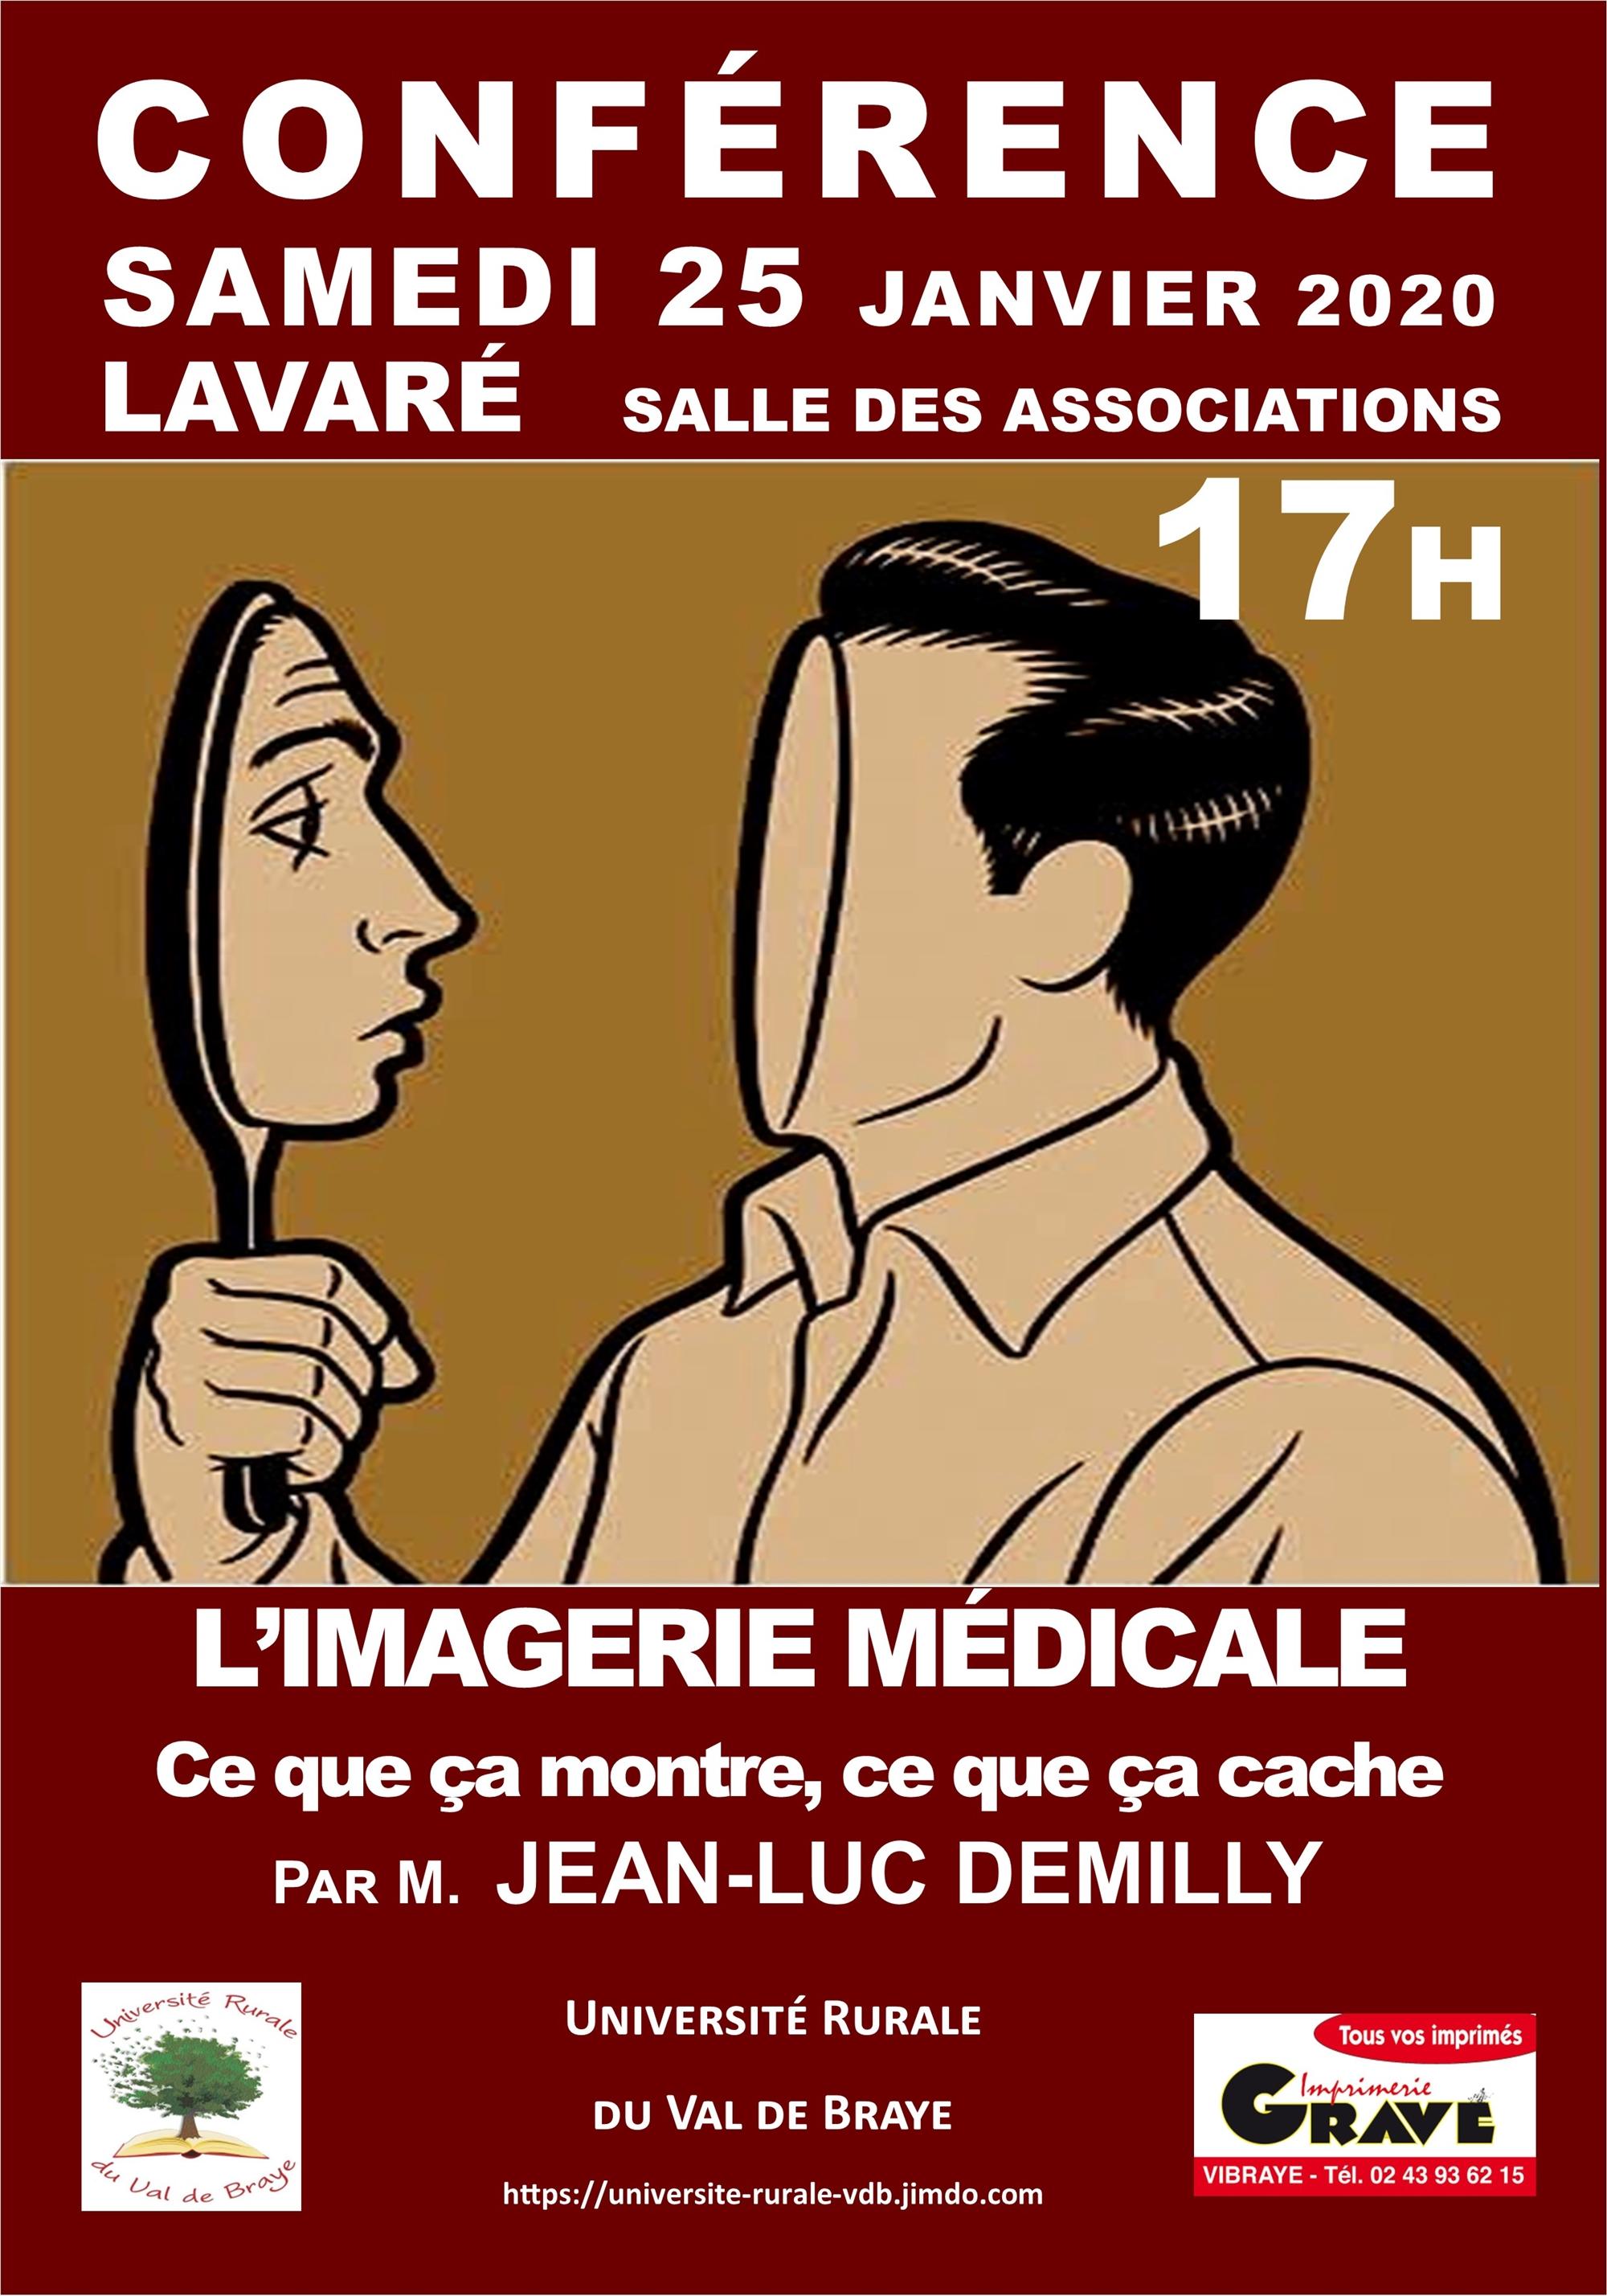 « L'imagerie médicale » par Jean-Luc Demilly